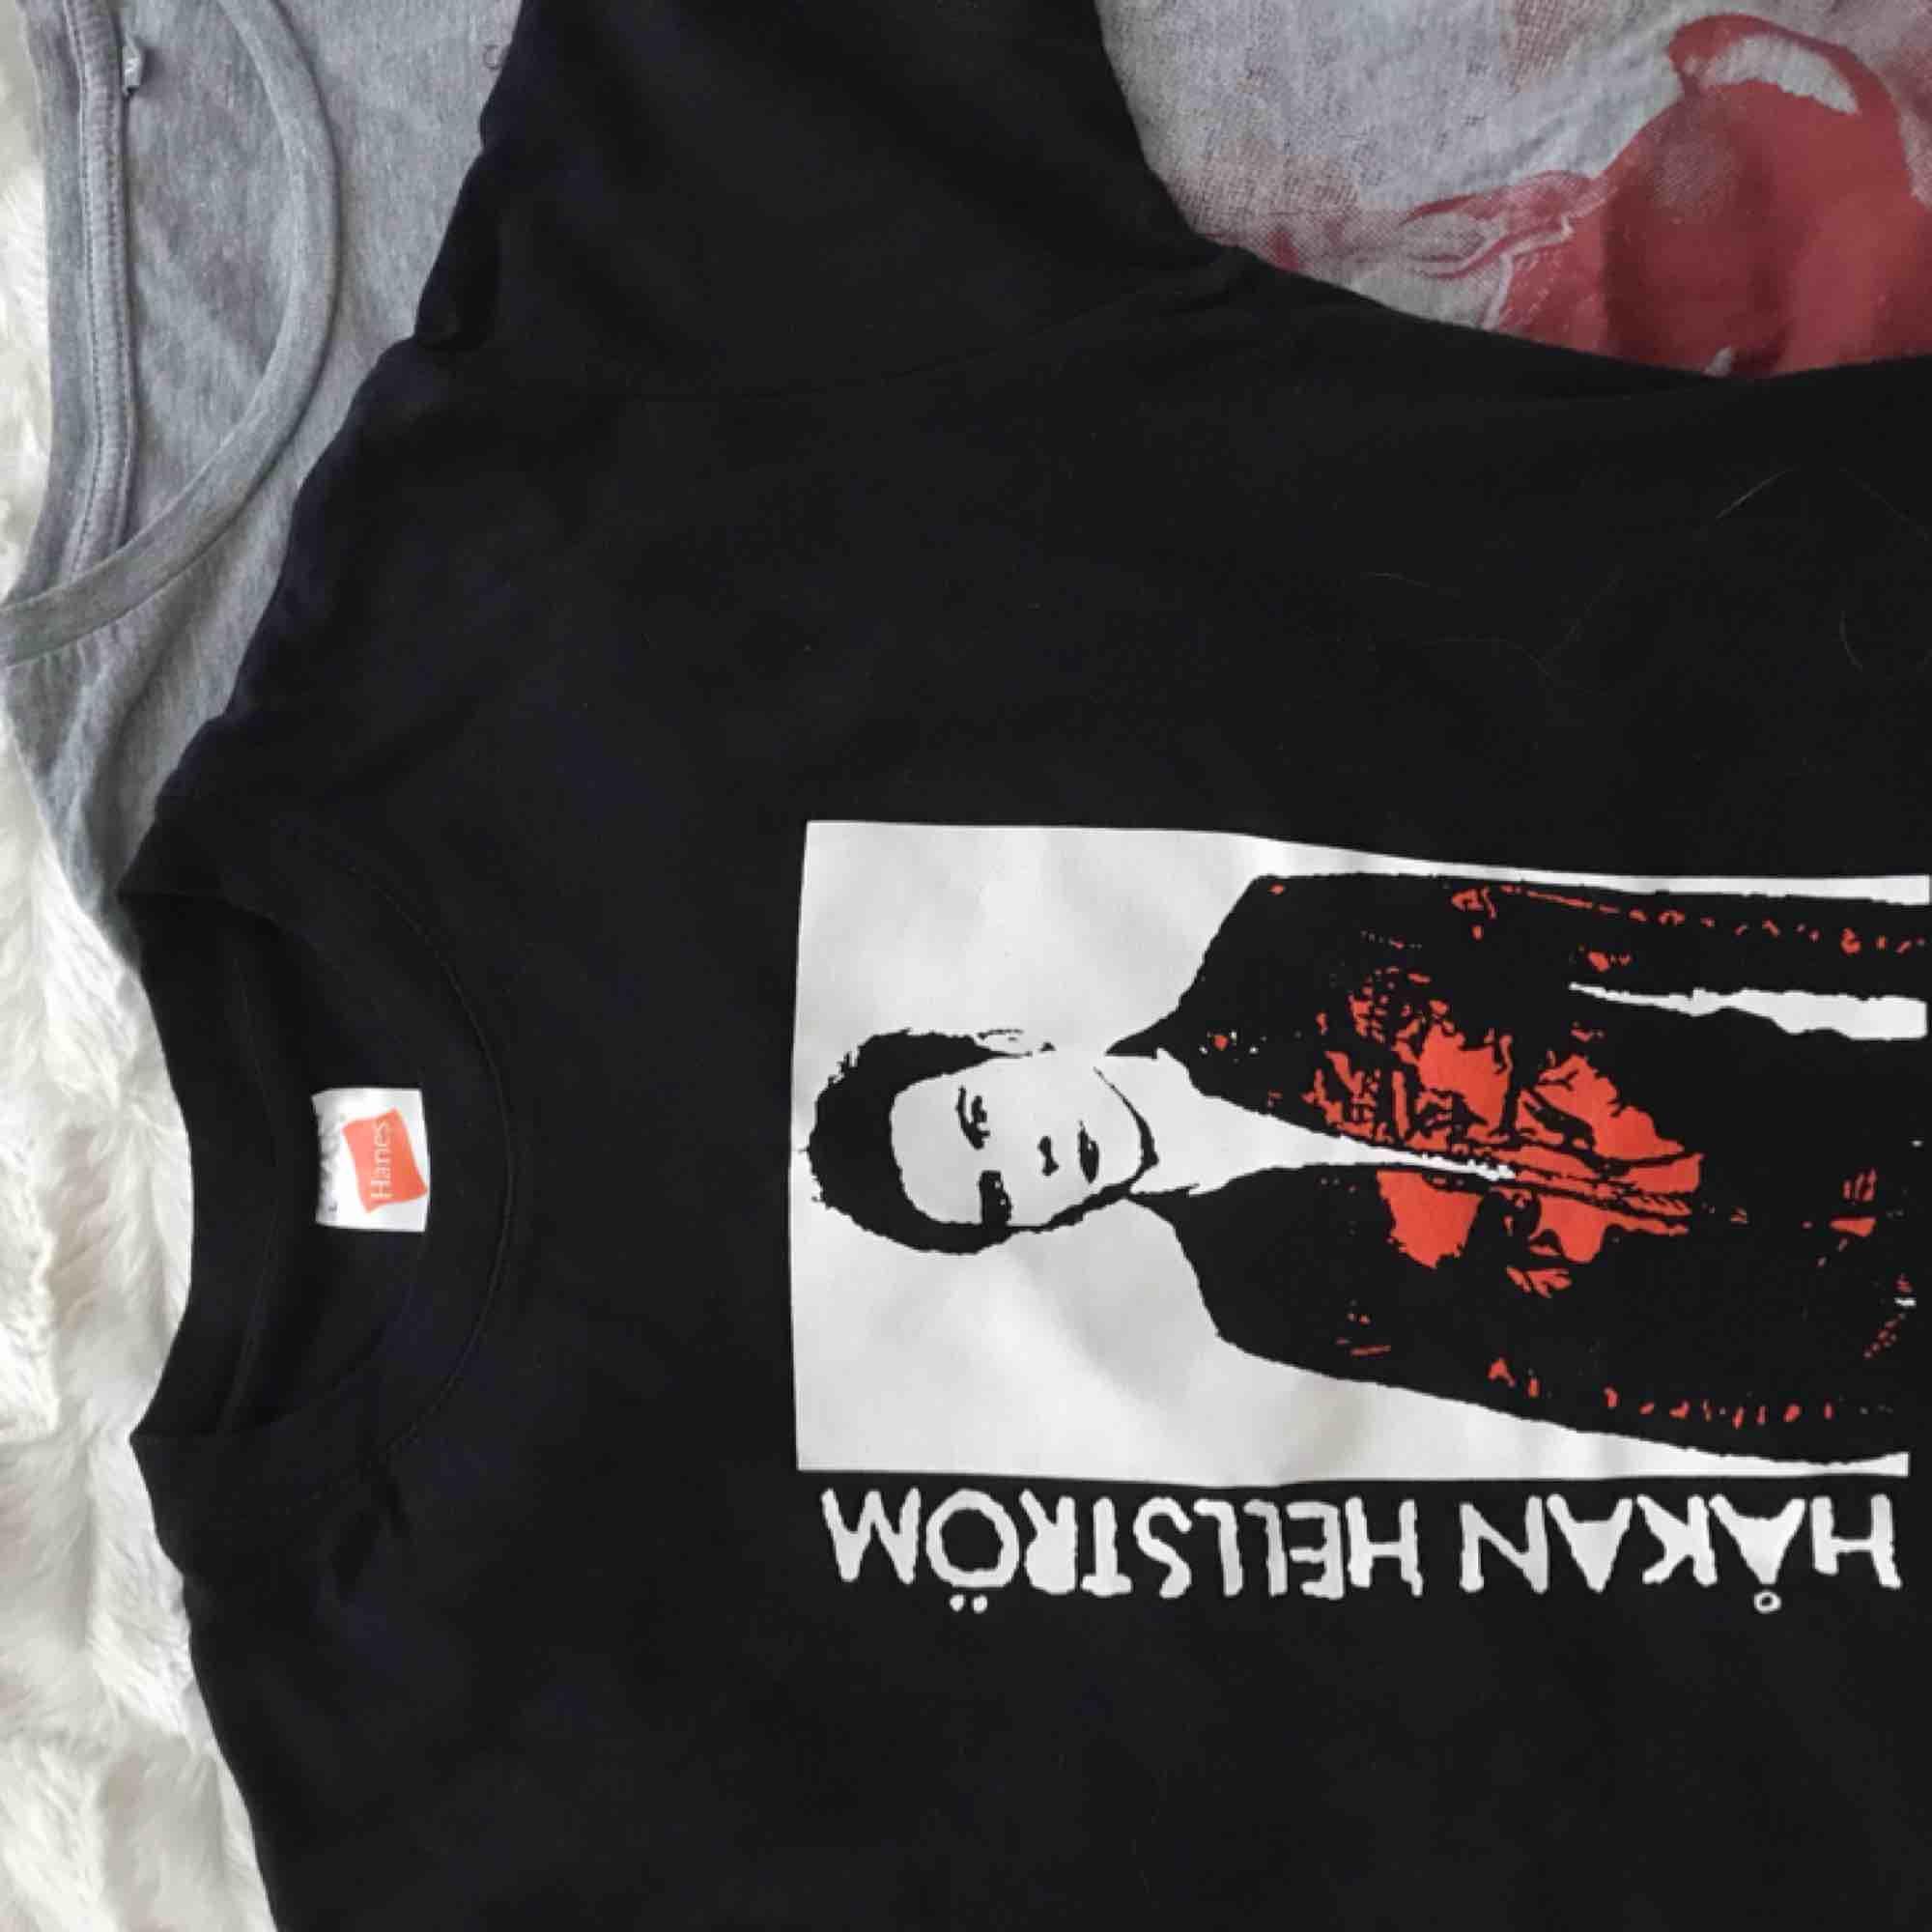 Två Håkan Hellström t-shirts!!! 2 för 150! En för 80 kr! Pris inkl frakt ❤️. T-shirts.